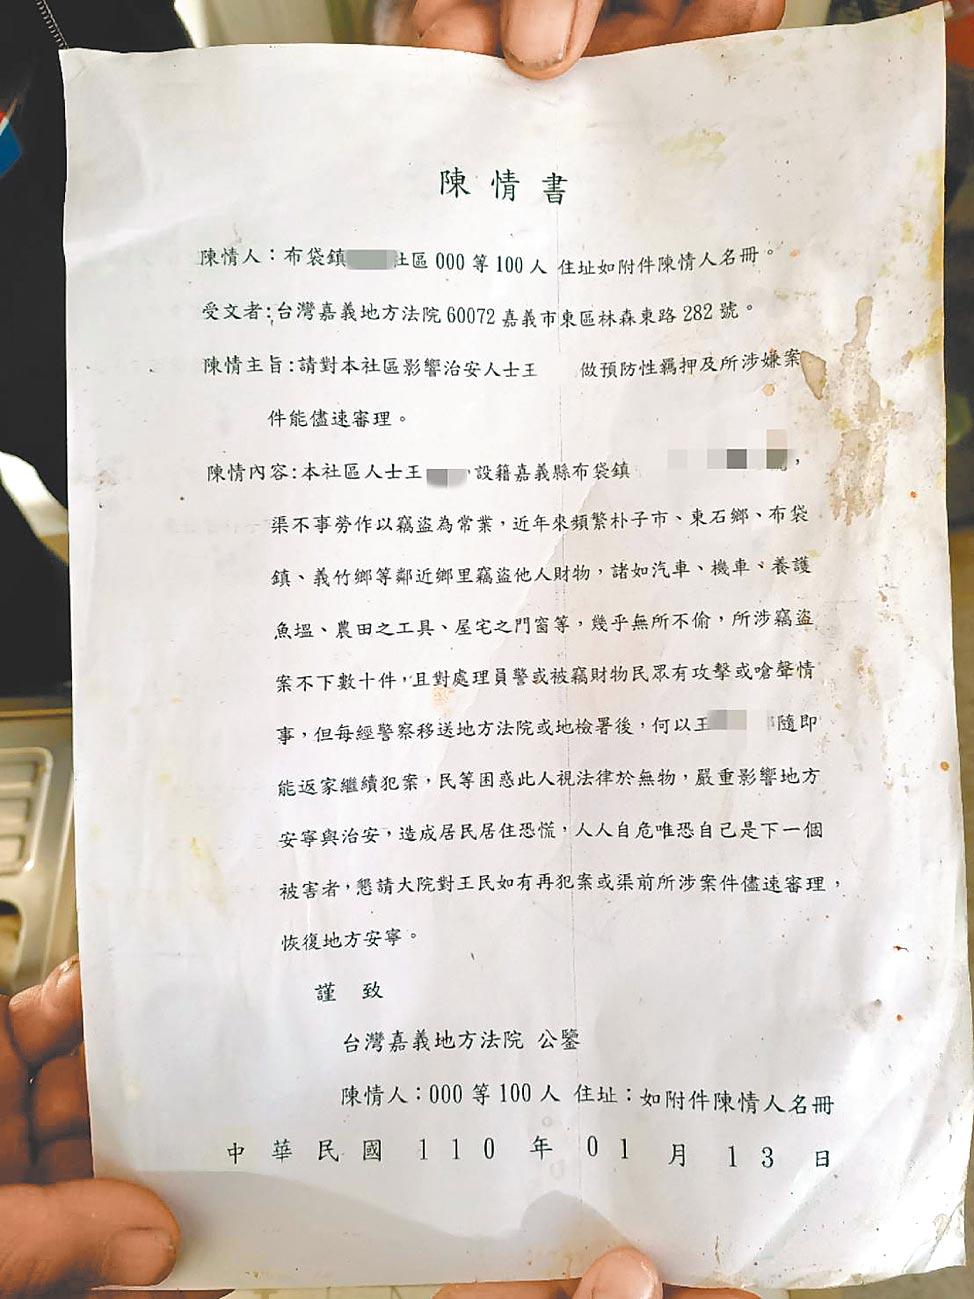 嘉義縣布袋鎮一名71歲「賊仔祖公」鬧得整個社區雞飛狗跳,近日居民發起連署,希望司法單位能重懲他。(張毓翎攝)